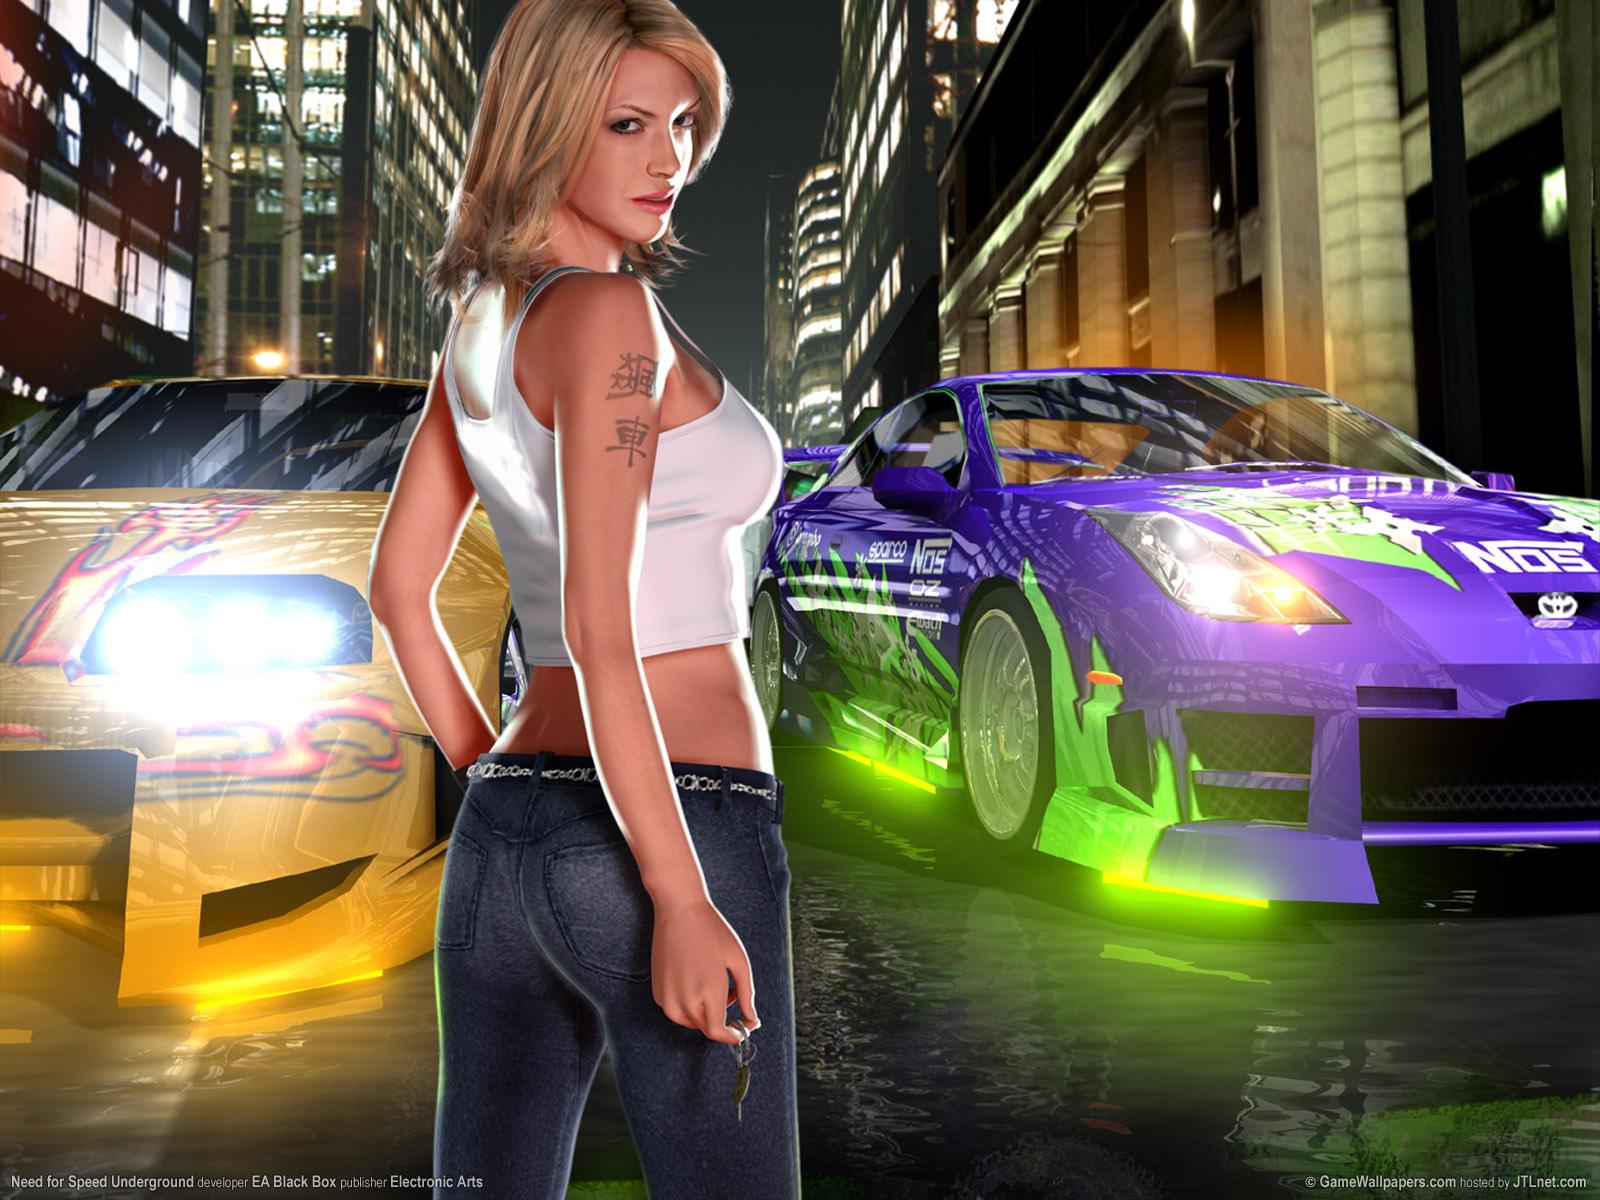 http://1.bp.blogspot.com/-9v4gYsZ8ngA/UU_EKkg6FBI/AAAAAAAA8Zs/WhRV-MGzZ3c/s1600/wallpaper_need_for_speed_underground_02_1600.jpg